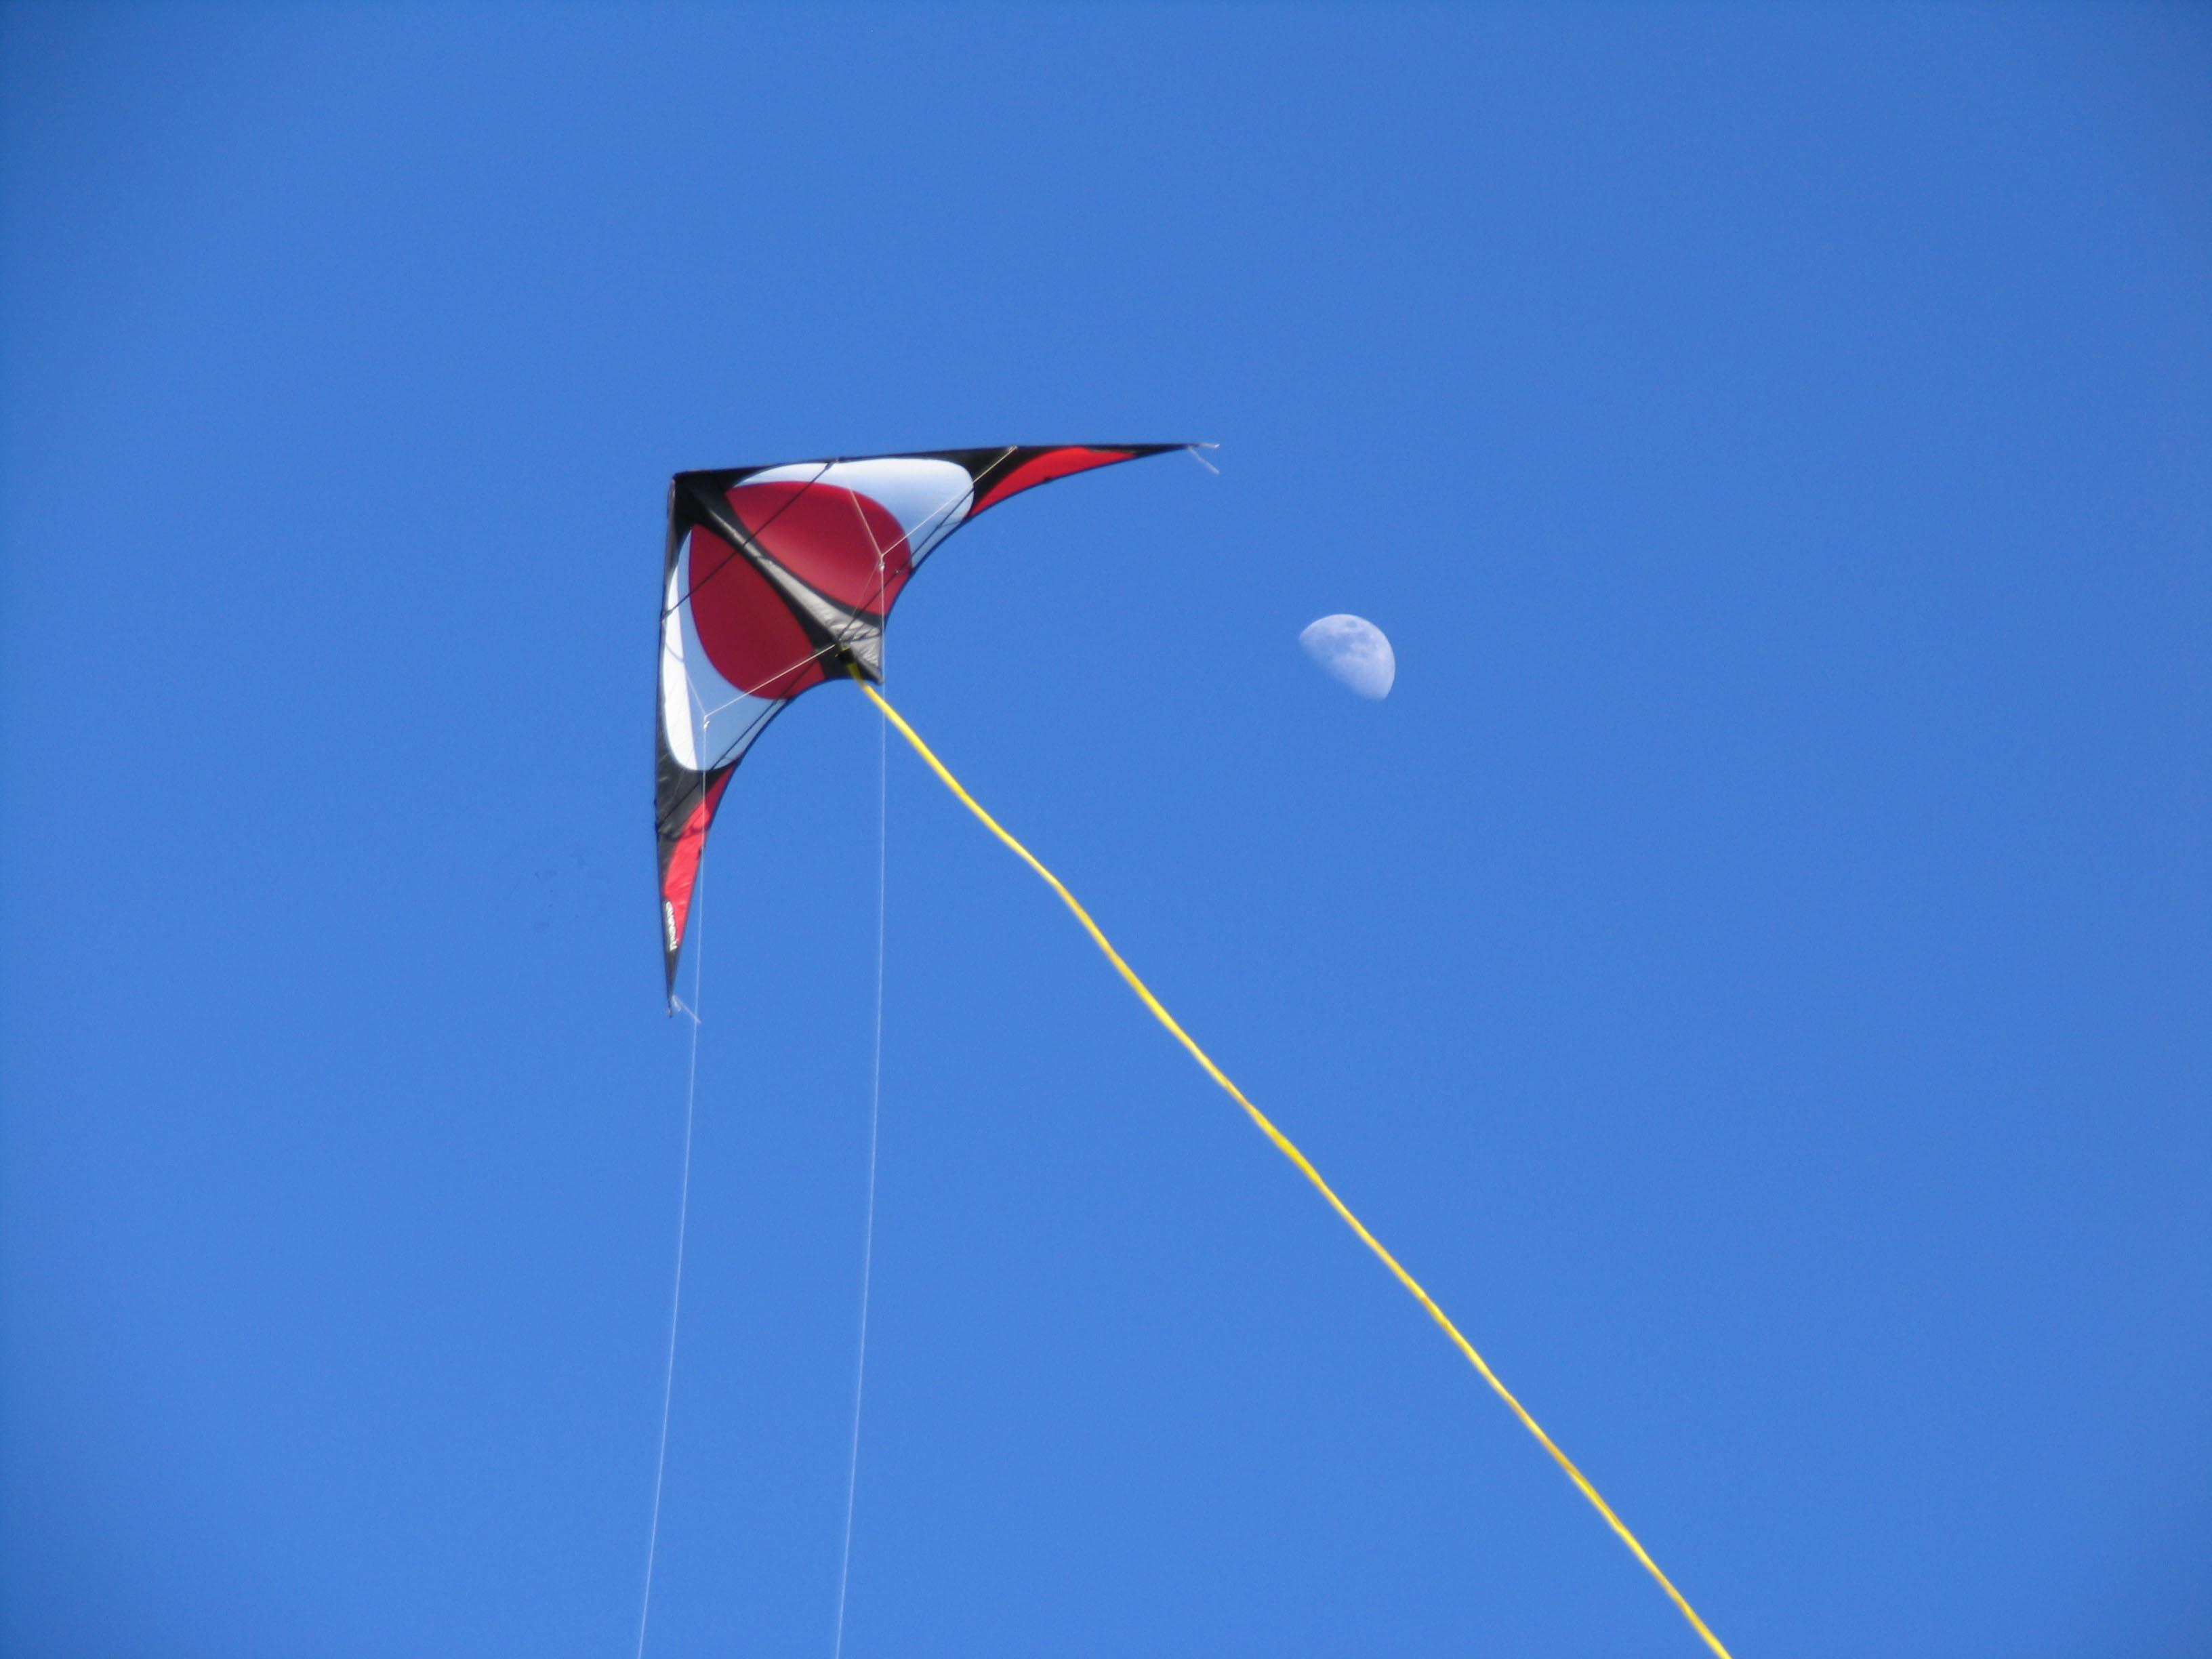 ¿Muy alto en el cielo?